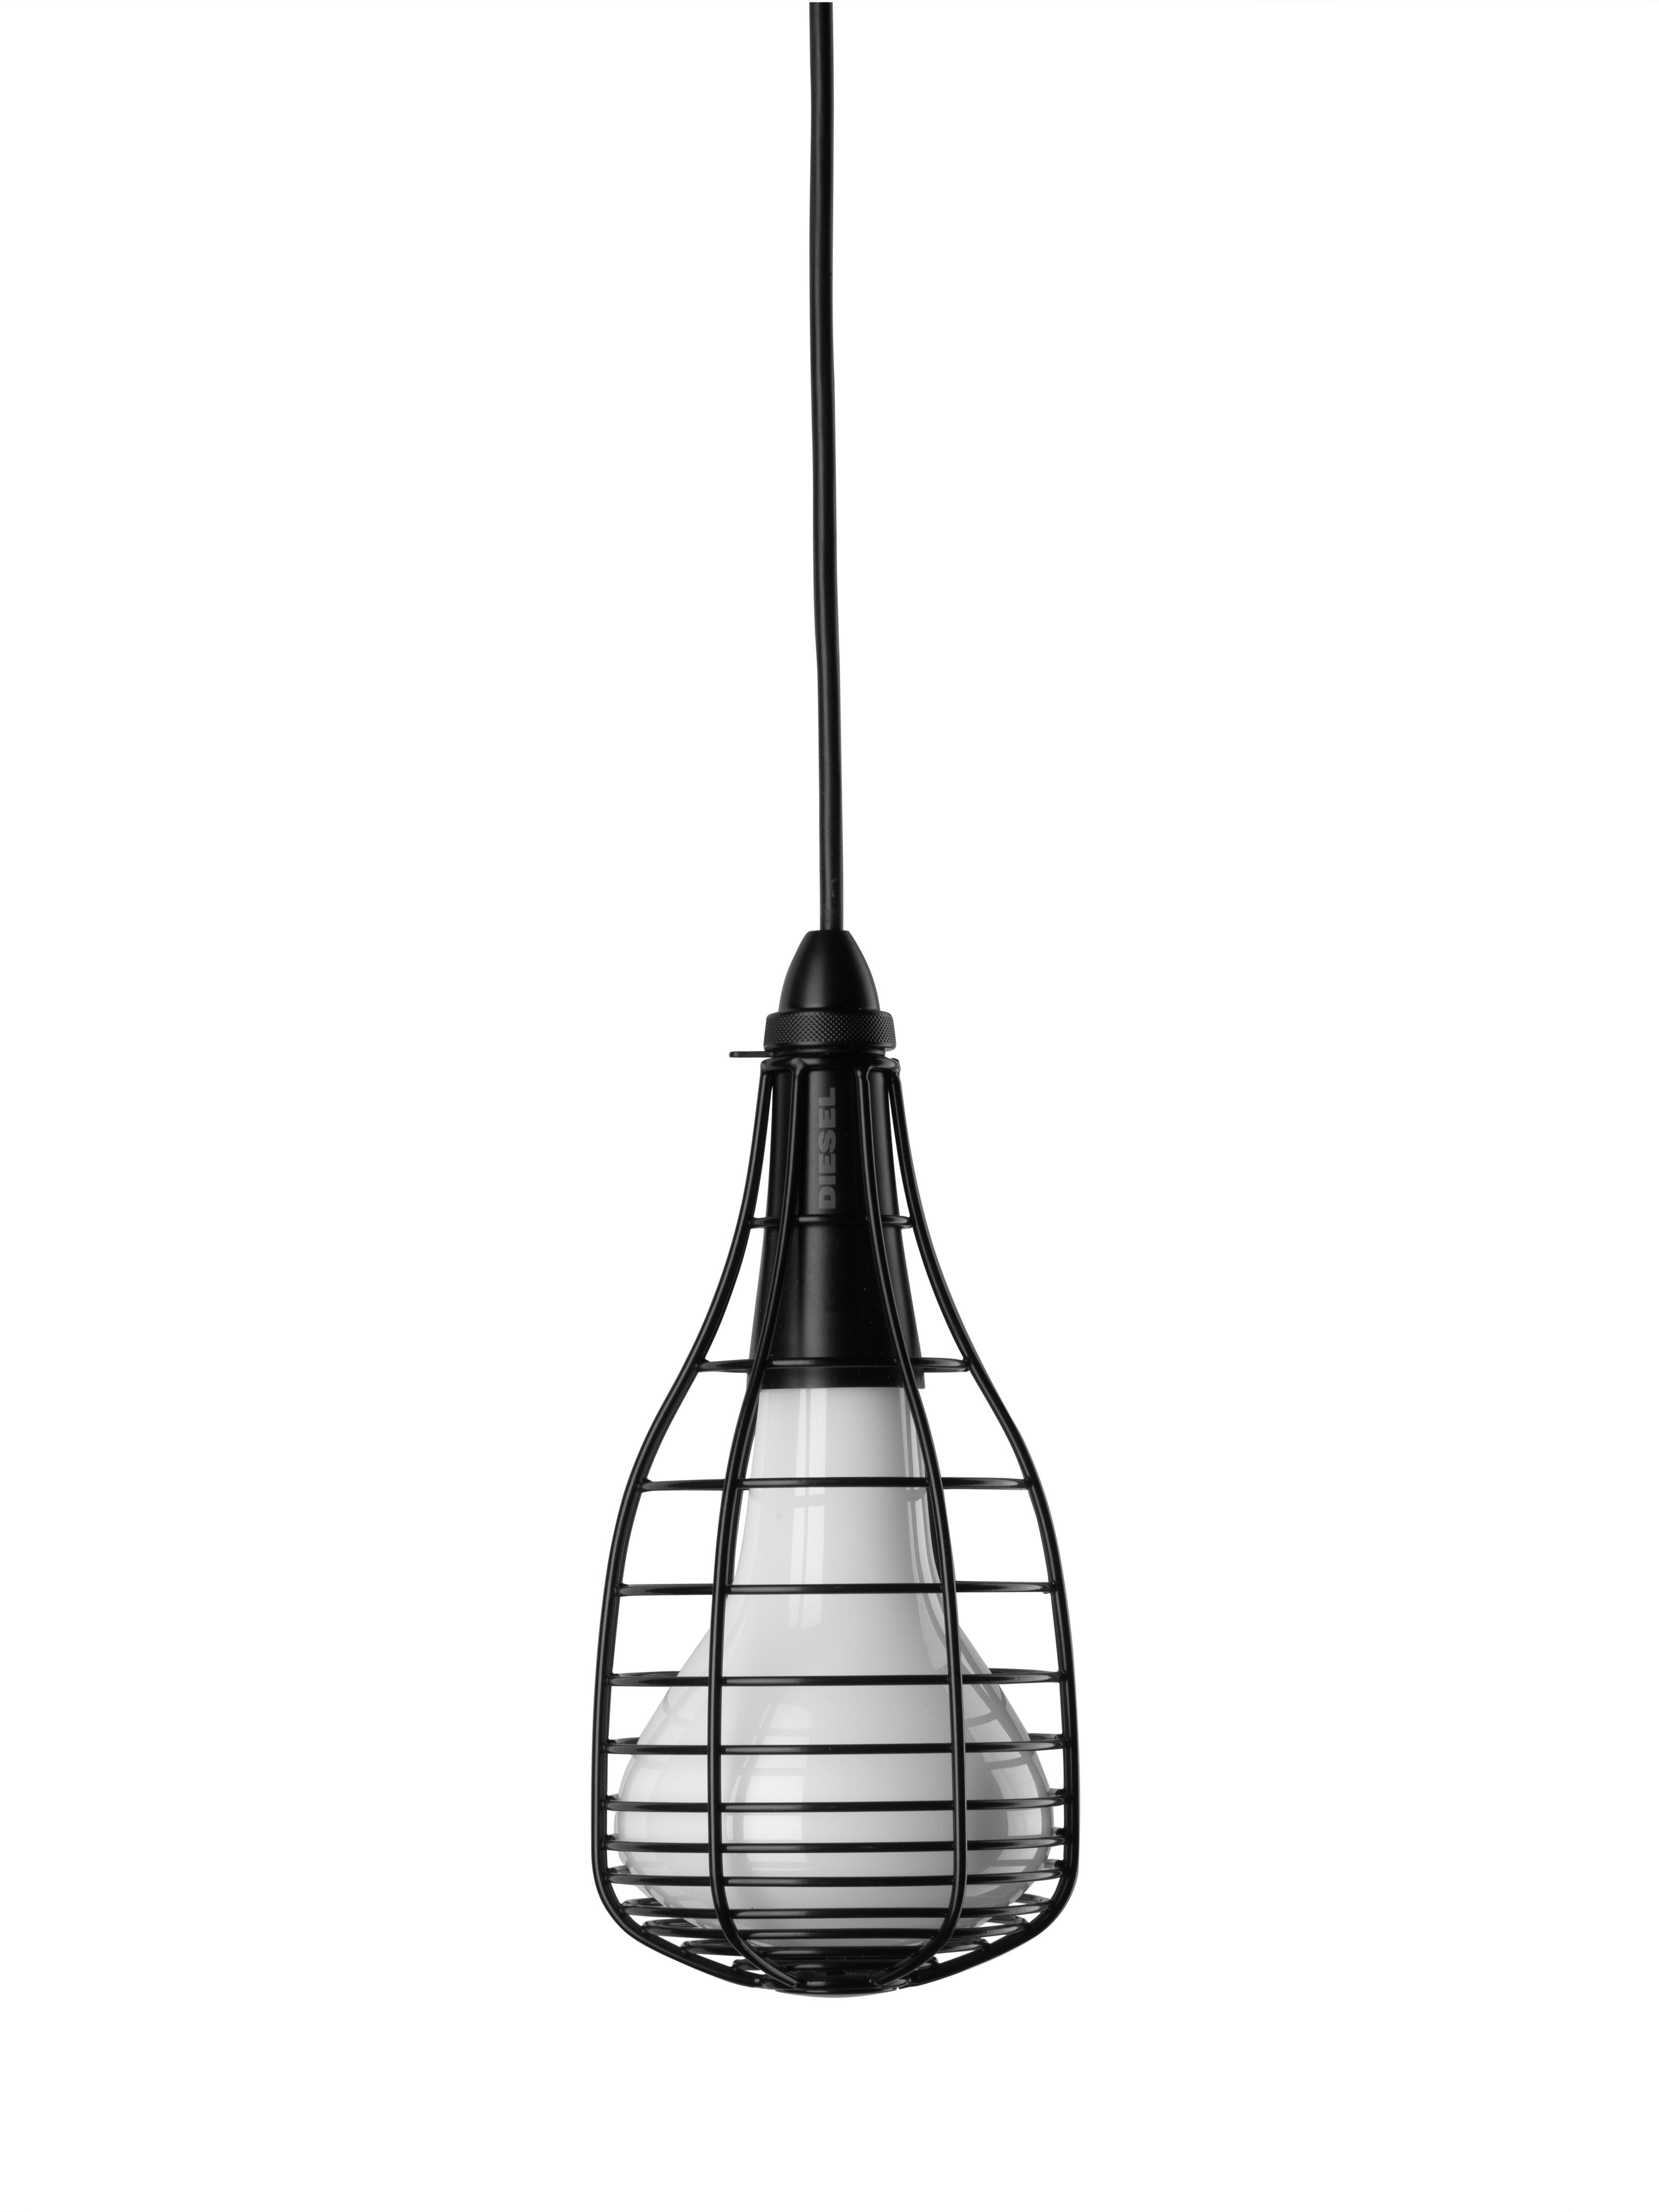 Leuchten - Pendelleuchten - Cage Mic Pendelleuchte - Diesel with Foscarini - Schwarz - geblasenes Glas, lackiertes Metall